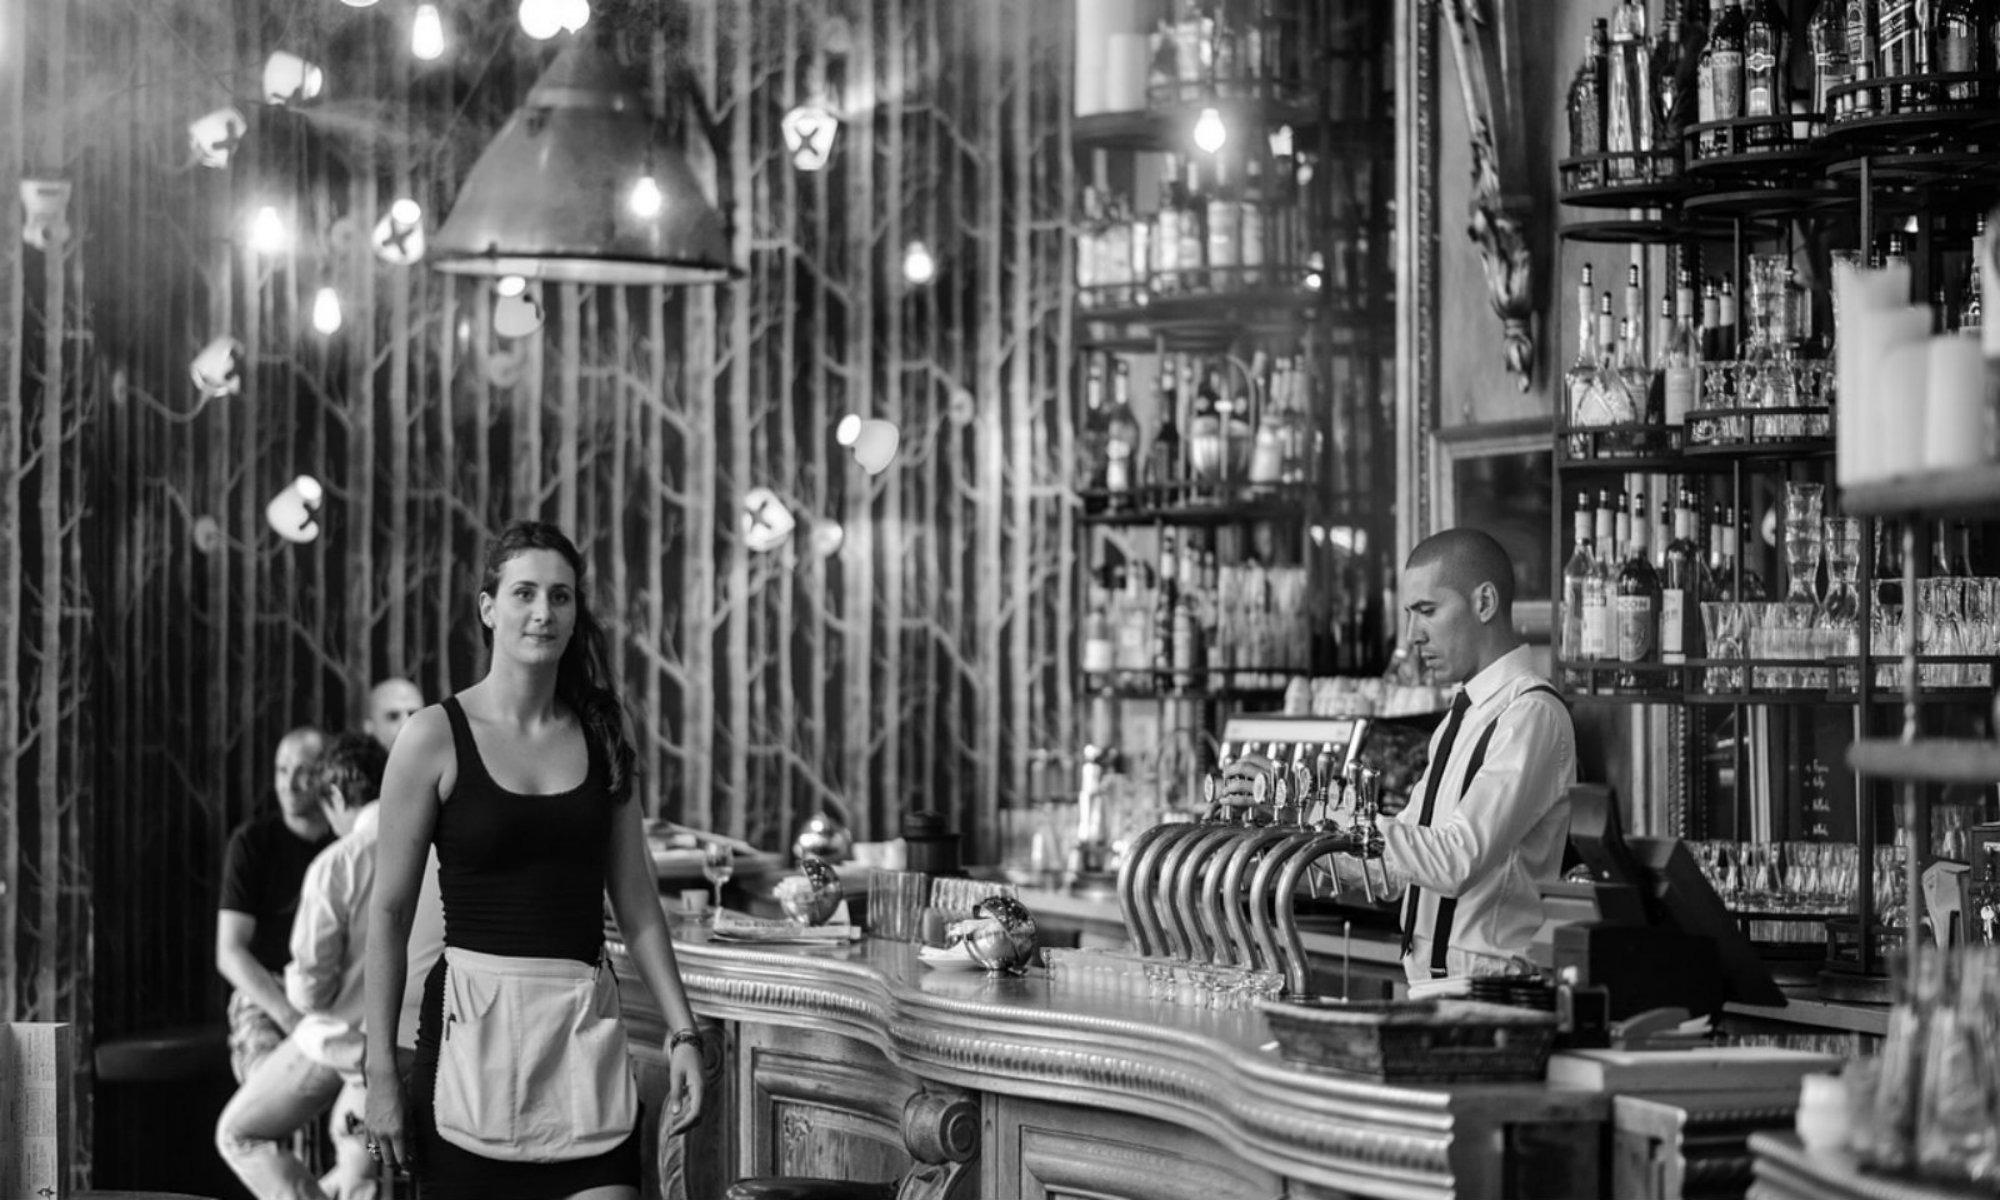 Die Gastronomie setzt in hohem Masse auf geringfügig entlohnte Beschäftigte (Minijobber)